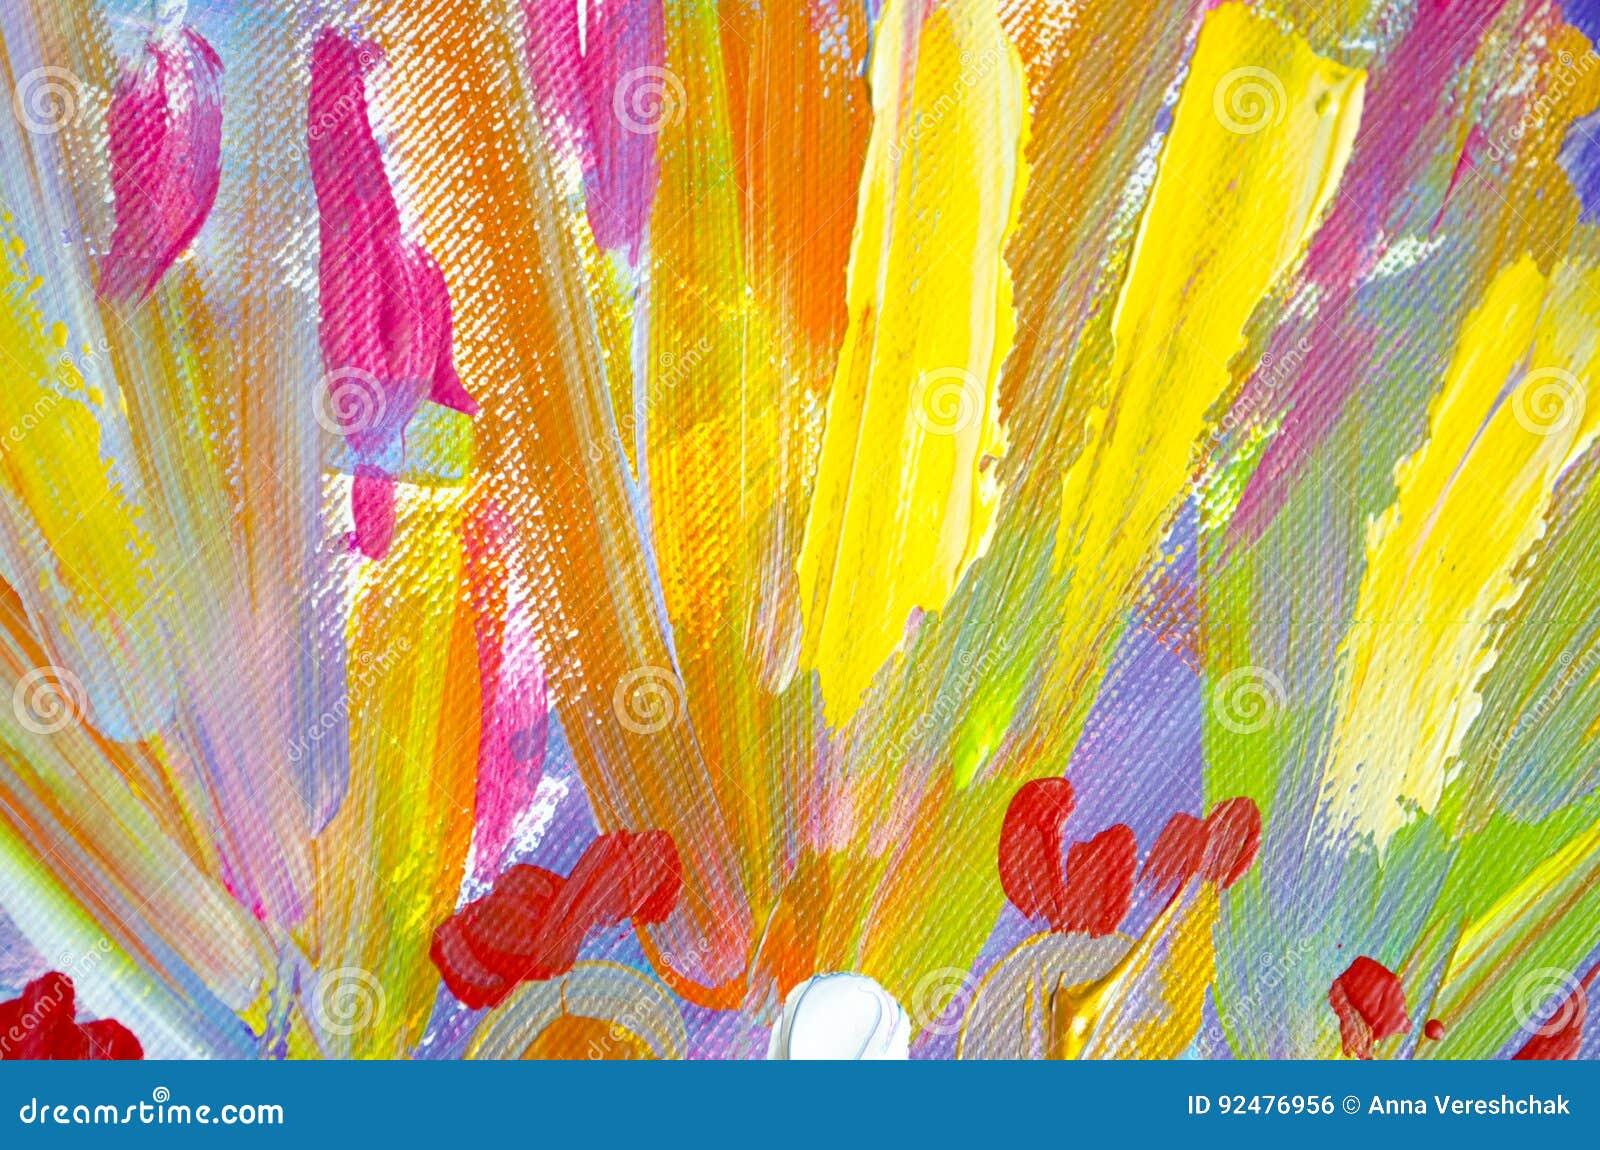 Peinture Acrylique Tirée Par La Main Fond Dart Abstrait Peinture